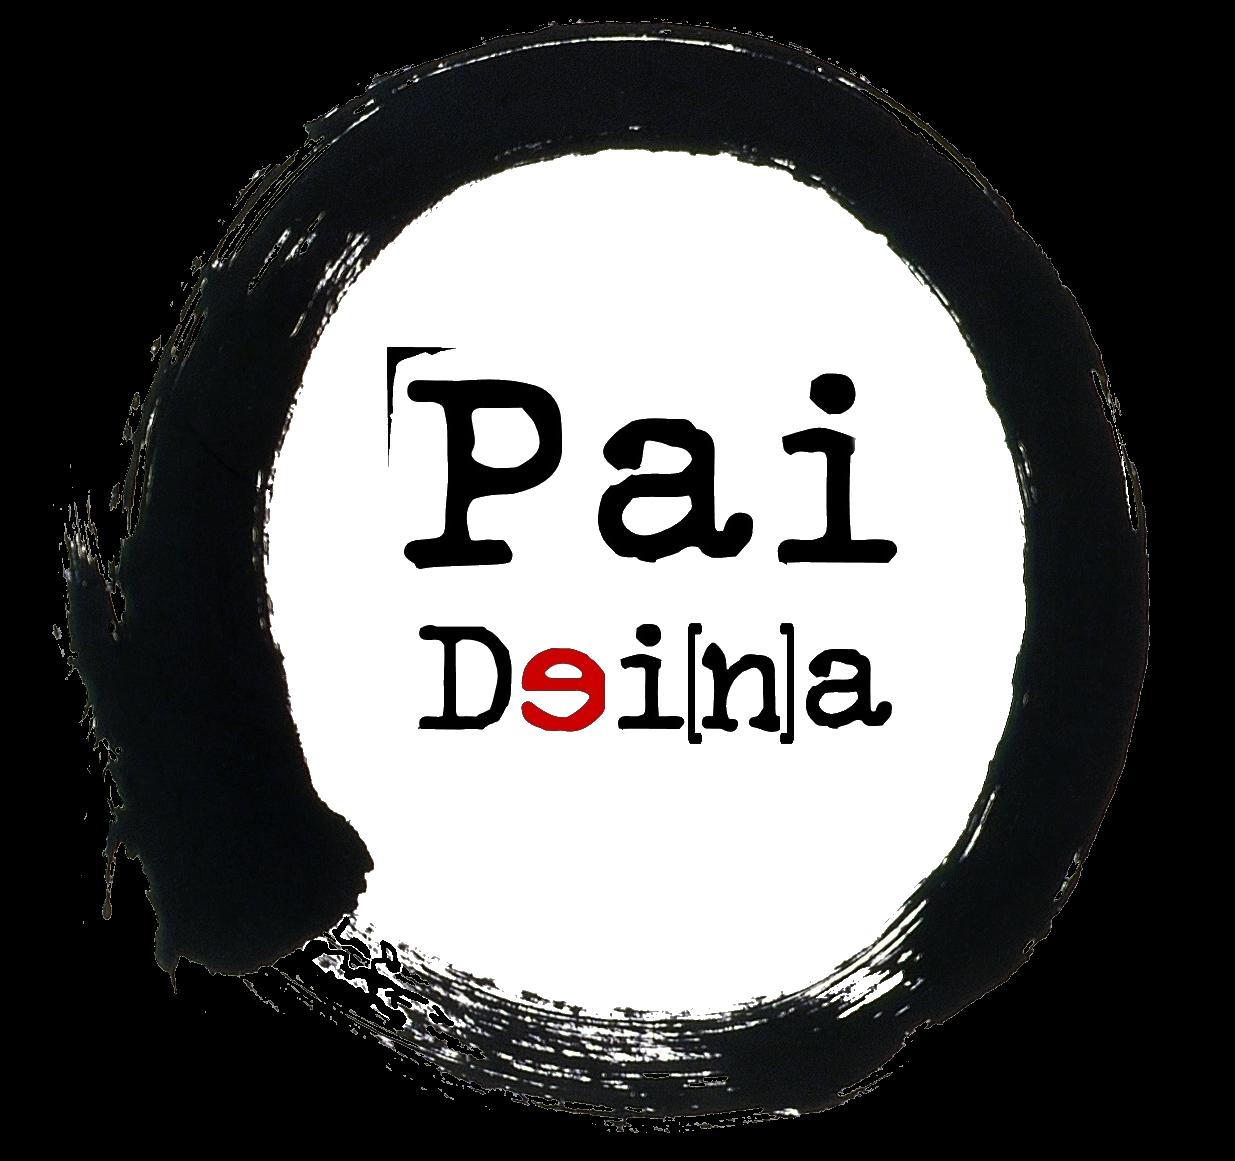 PaiDei[n]a